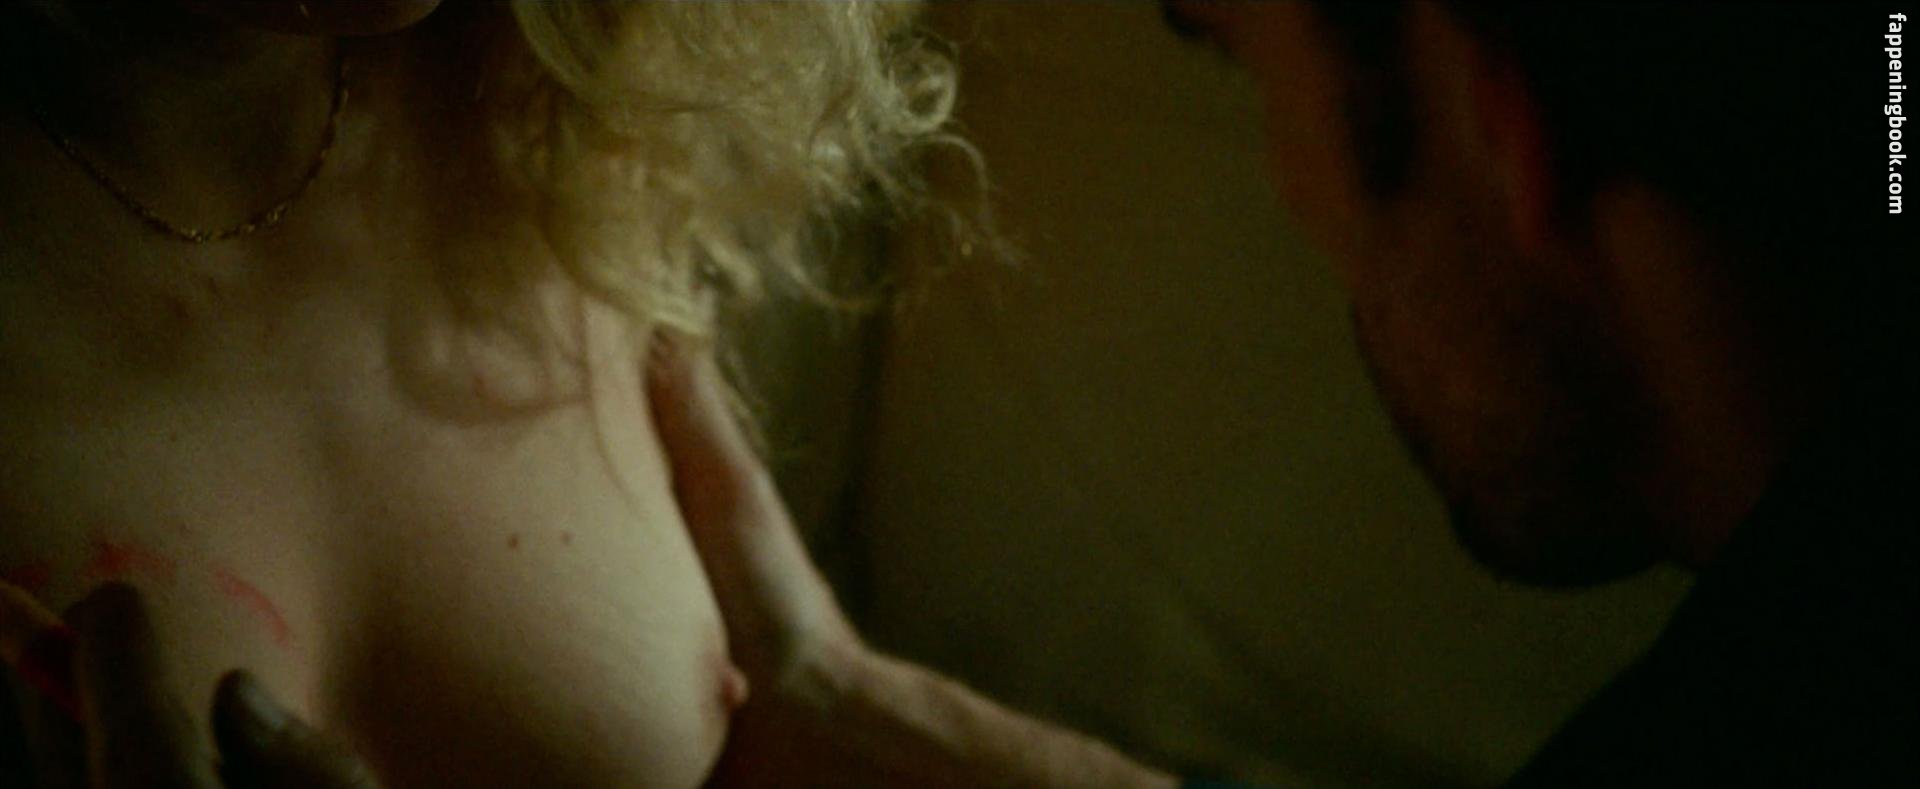 nackt Sebastion Linda Drew Barrymore